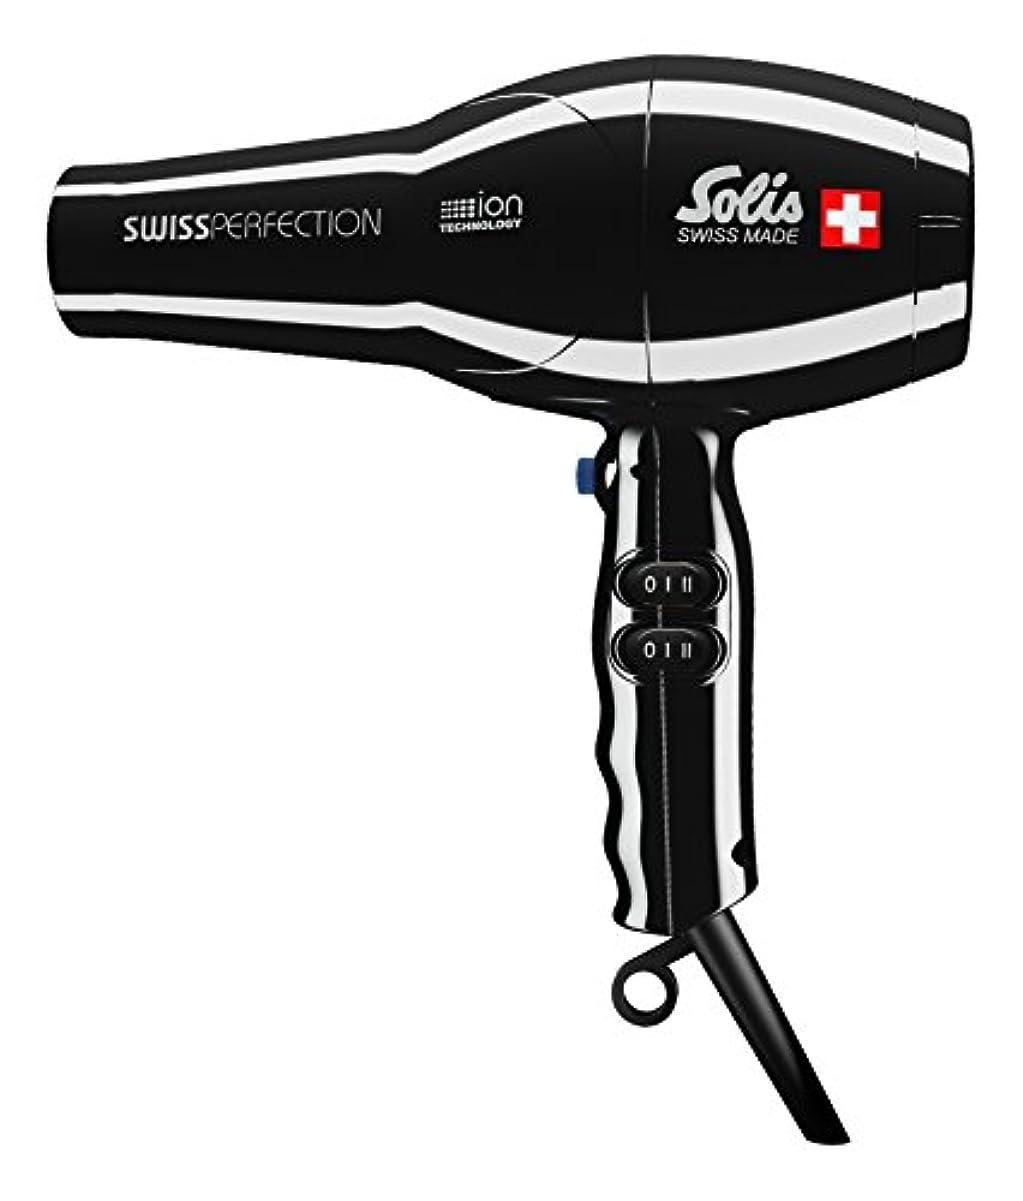 亜熱帯統治可能回転させるソリスプロフェッショナル仕様ドライヤー、温風温度77℃で髪にやさしい、イオンテクノロジー、スイスパーフェクション (SD440B)、黒